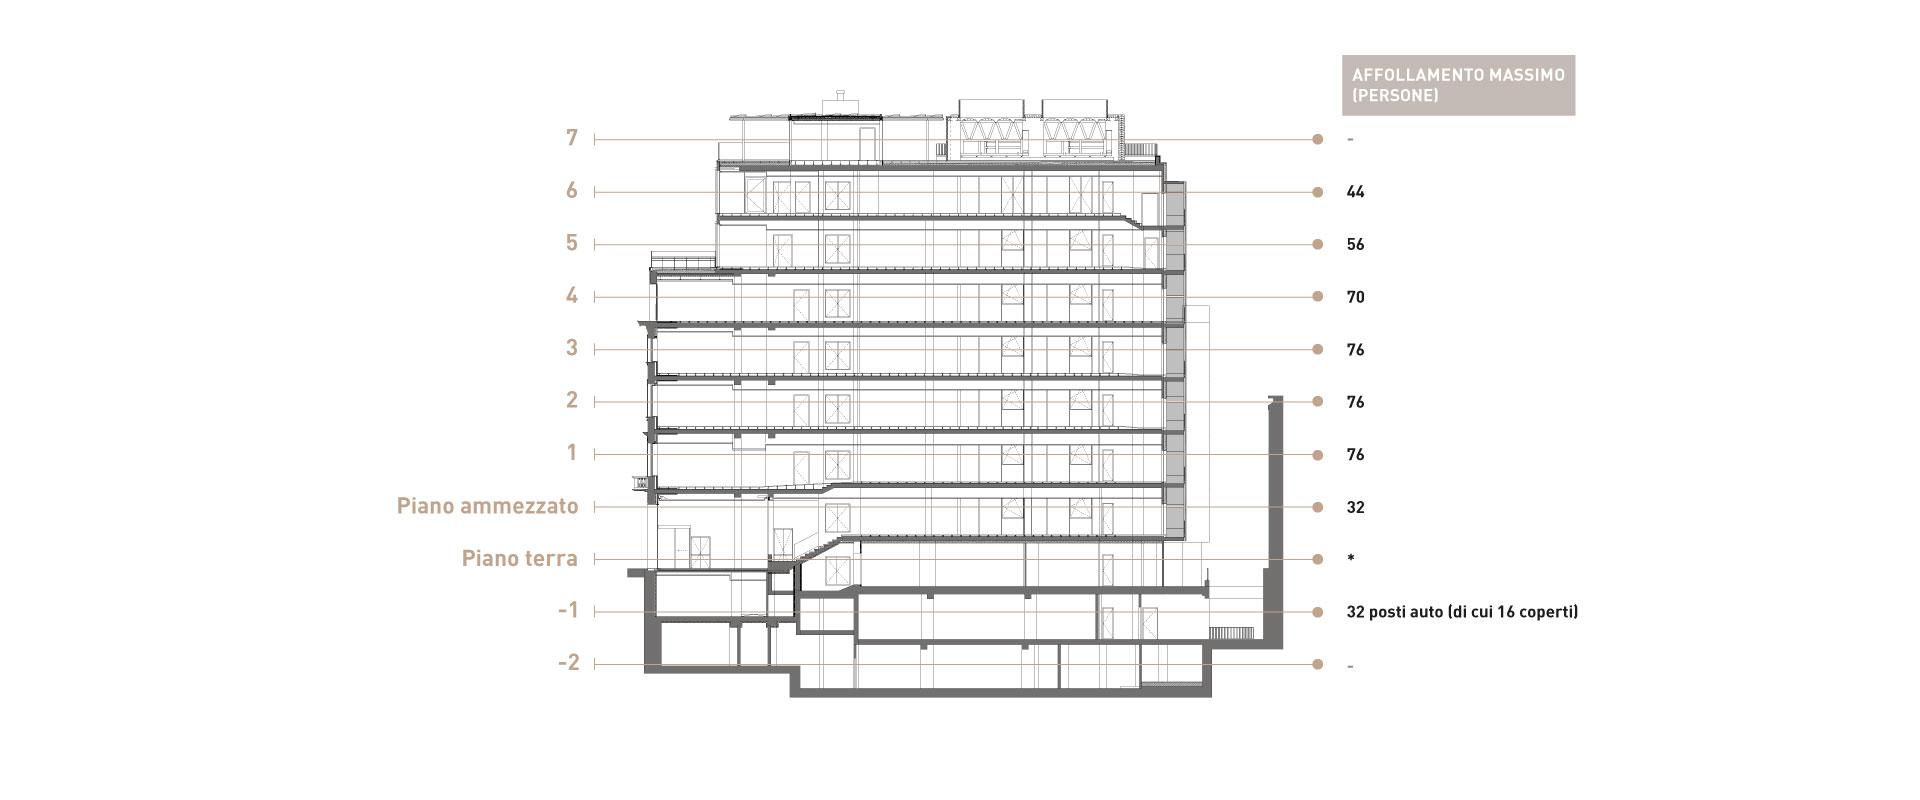 sezione-edificio-1920x800-it-up8419